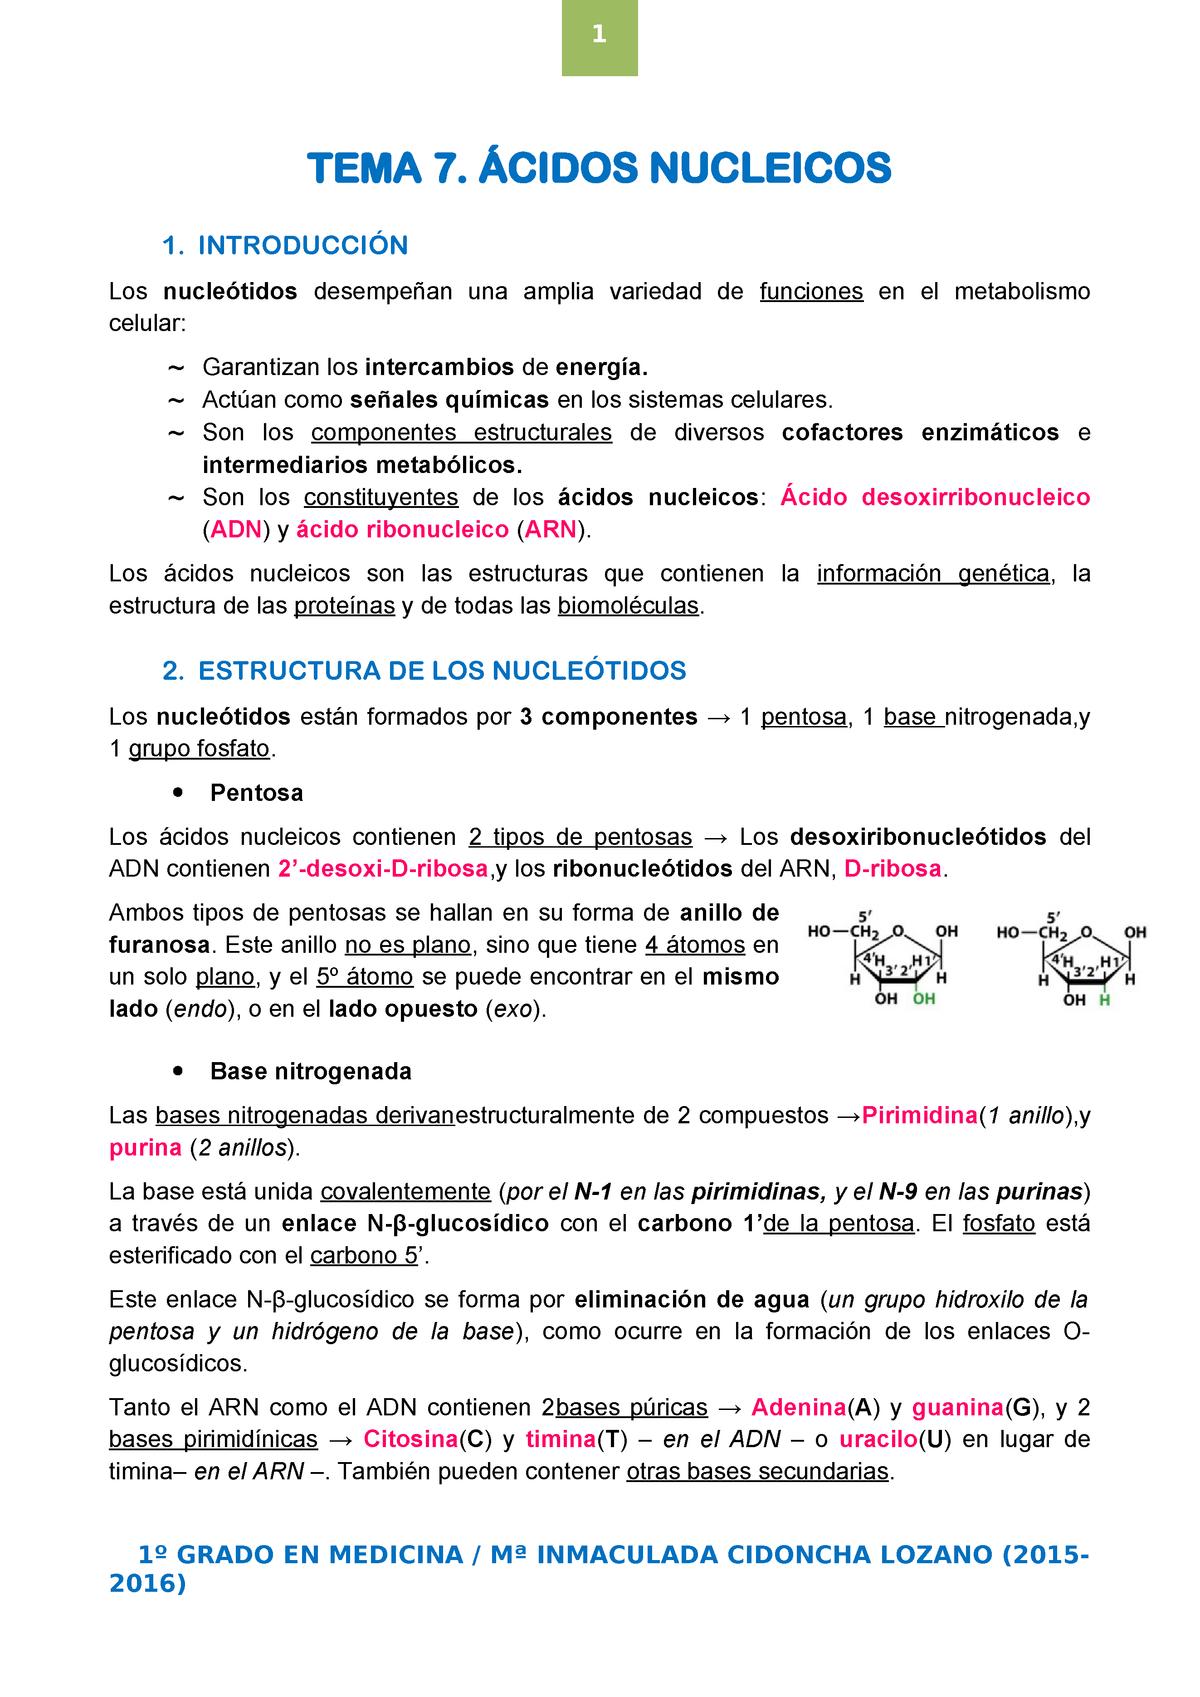 Tema 7 ácidos Nucleicos Bioquímica 9963001102 Uem Studocu